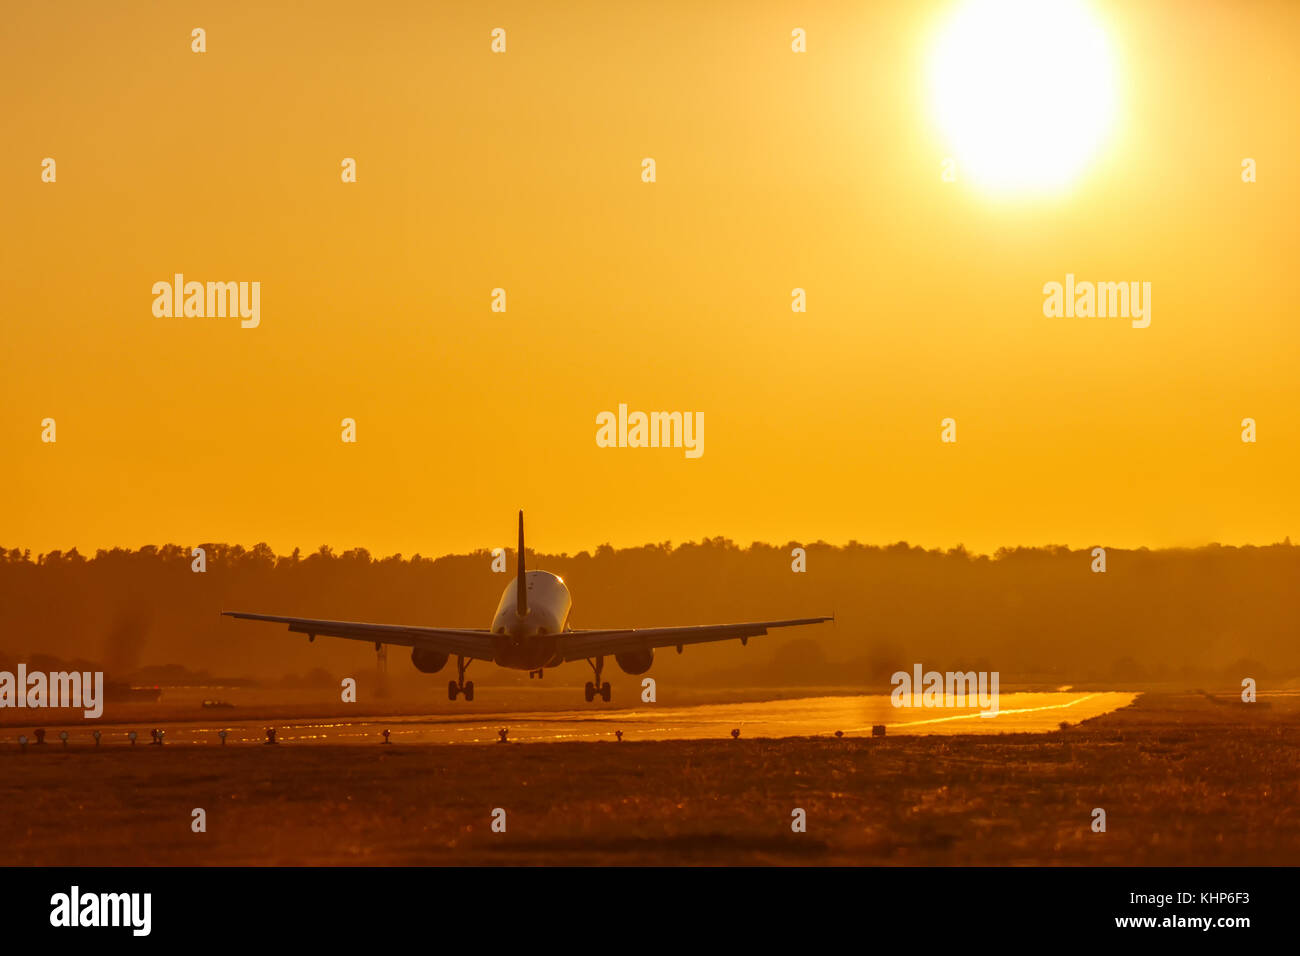 Vacanza Vacanze viaggi in aereo aeroporto di sbarco sun sunset aereo aereo in volo Immagini Stock